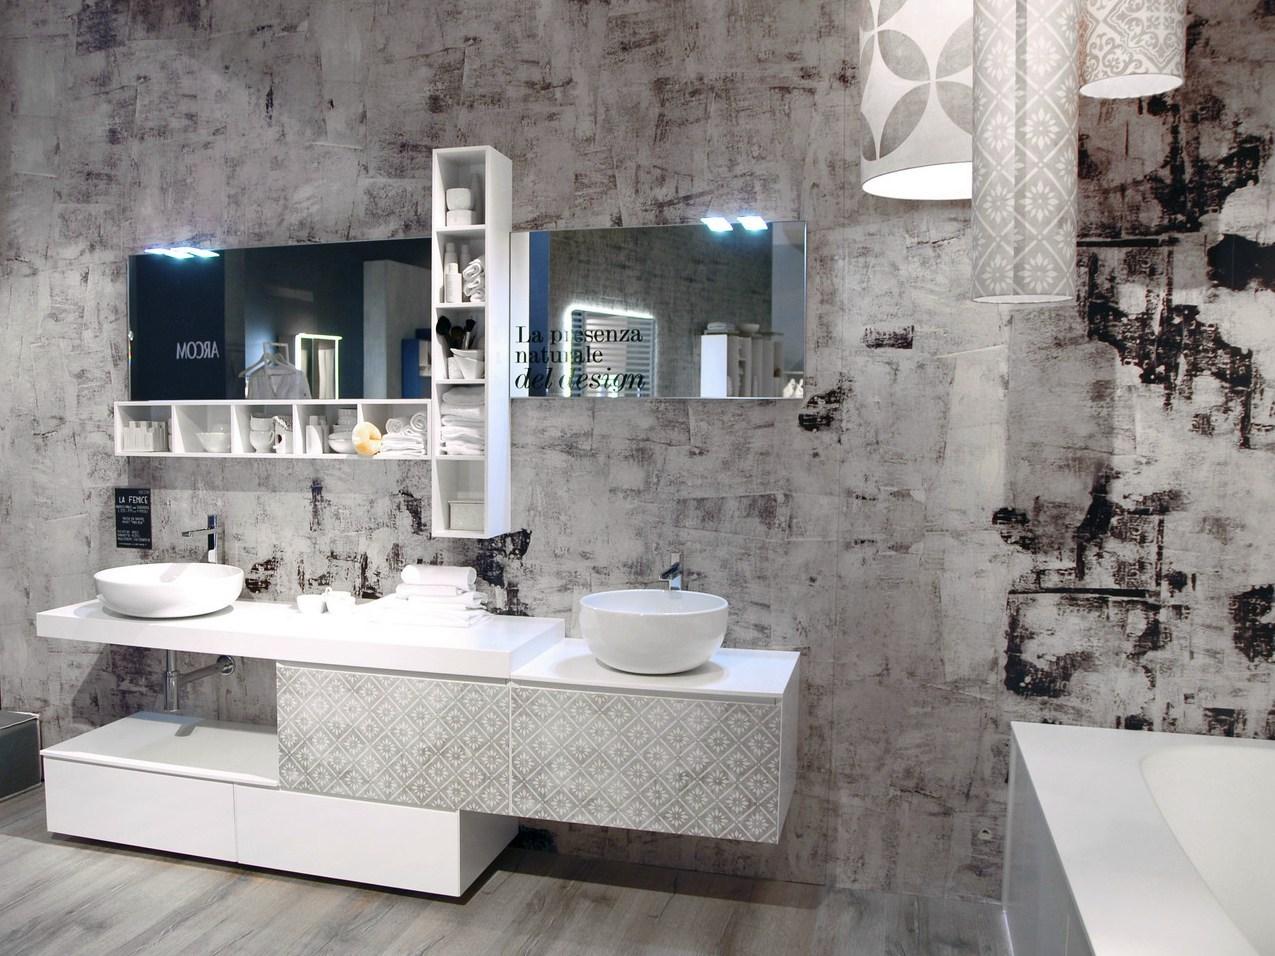 le nuove collezioni arcom per l'ambiente bagno - Arredo Bagno Arcom